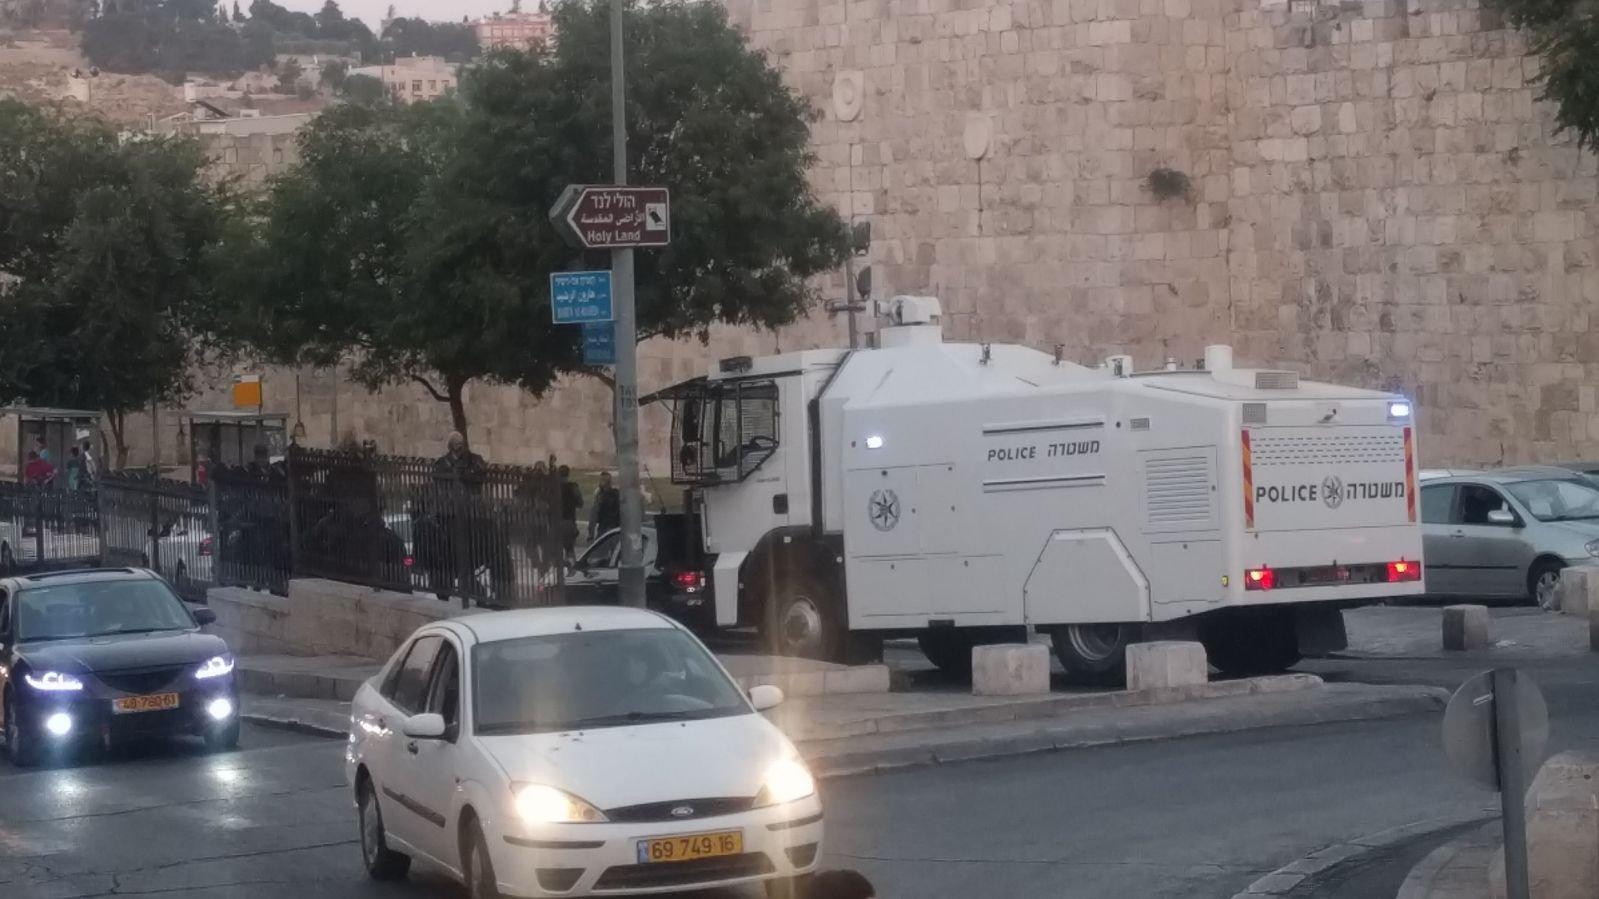 إسرائيل تقرر إدخال 5 كتائب من الجيش للقدس يوم غد الجمعة